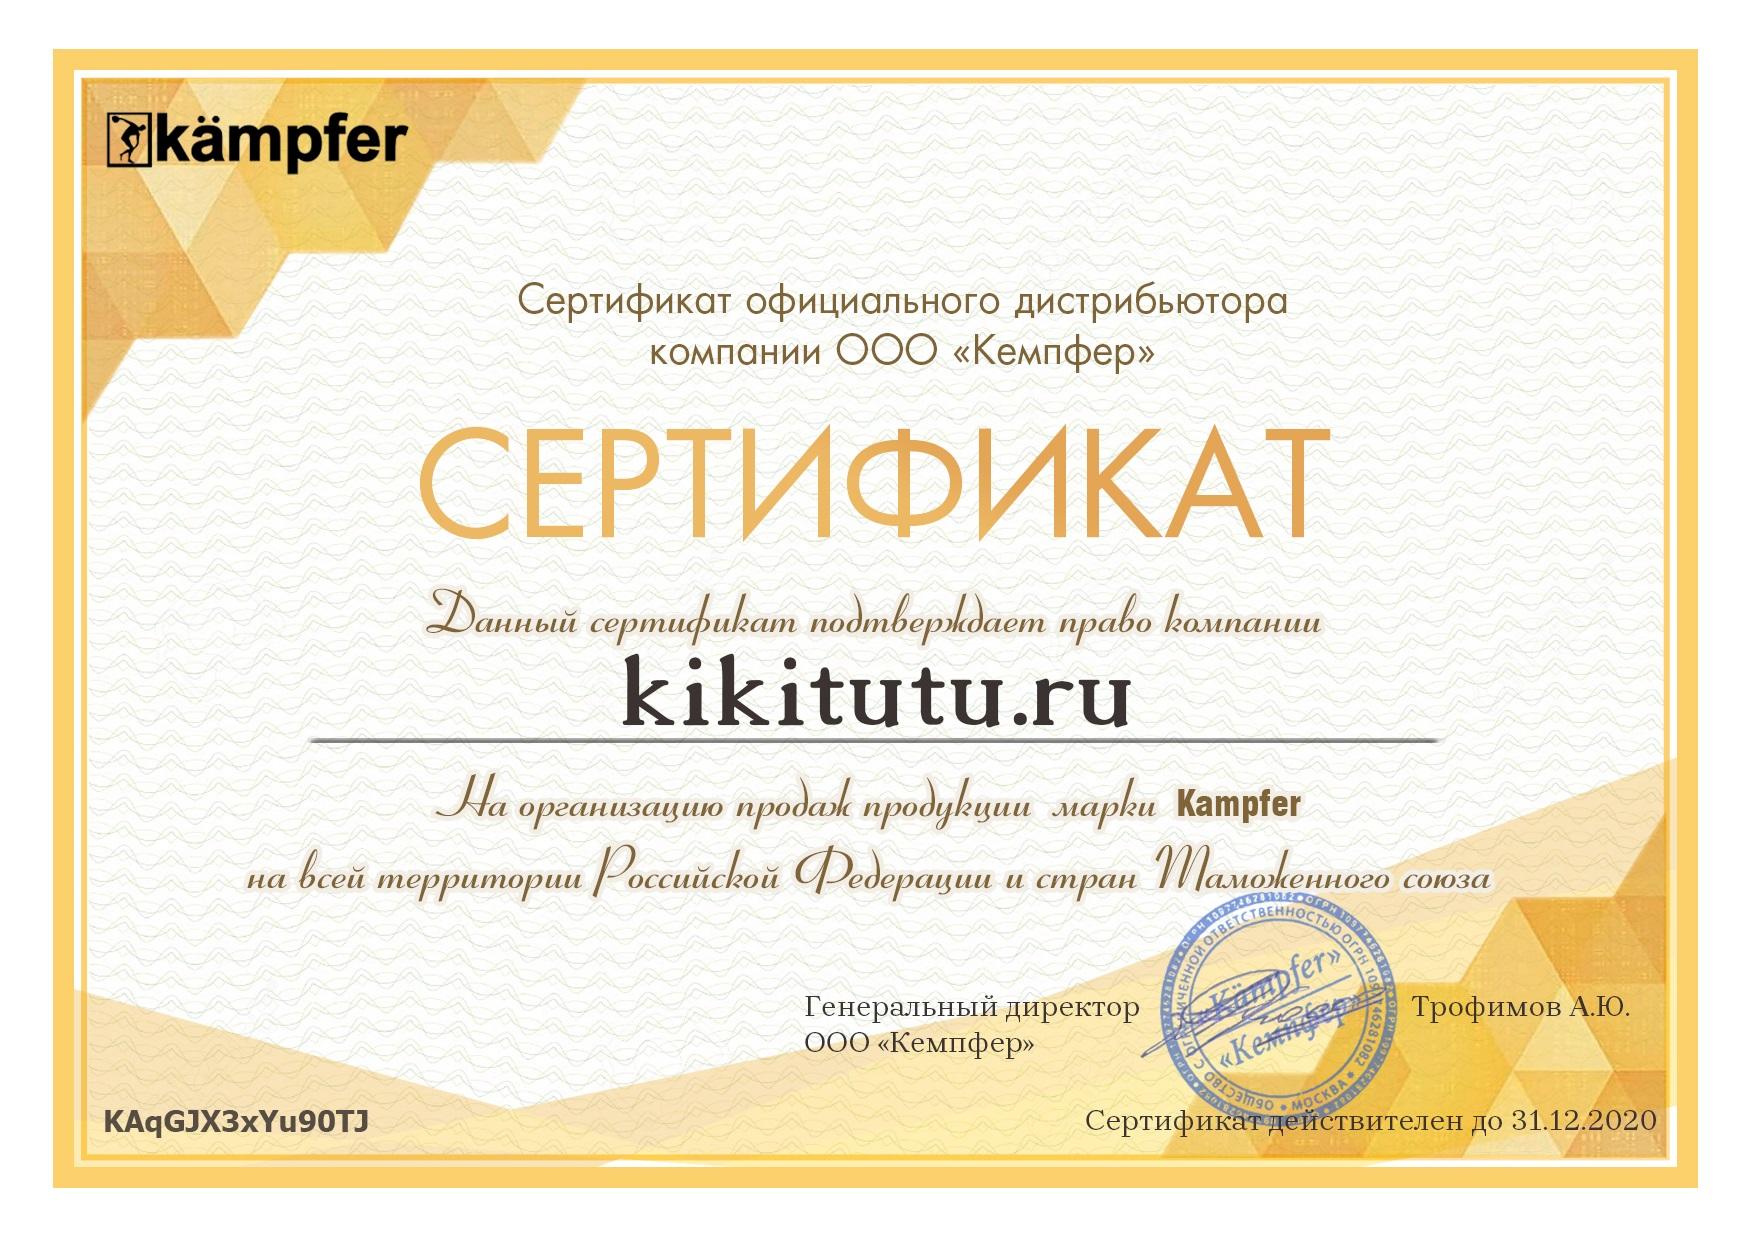 Официальный дистрибьютор Kampfer